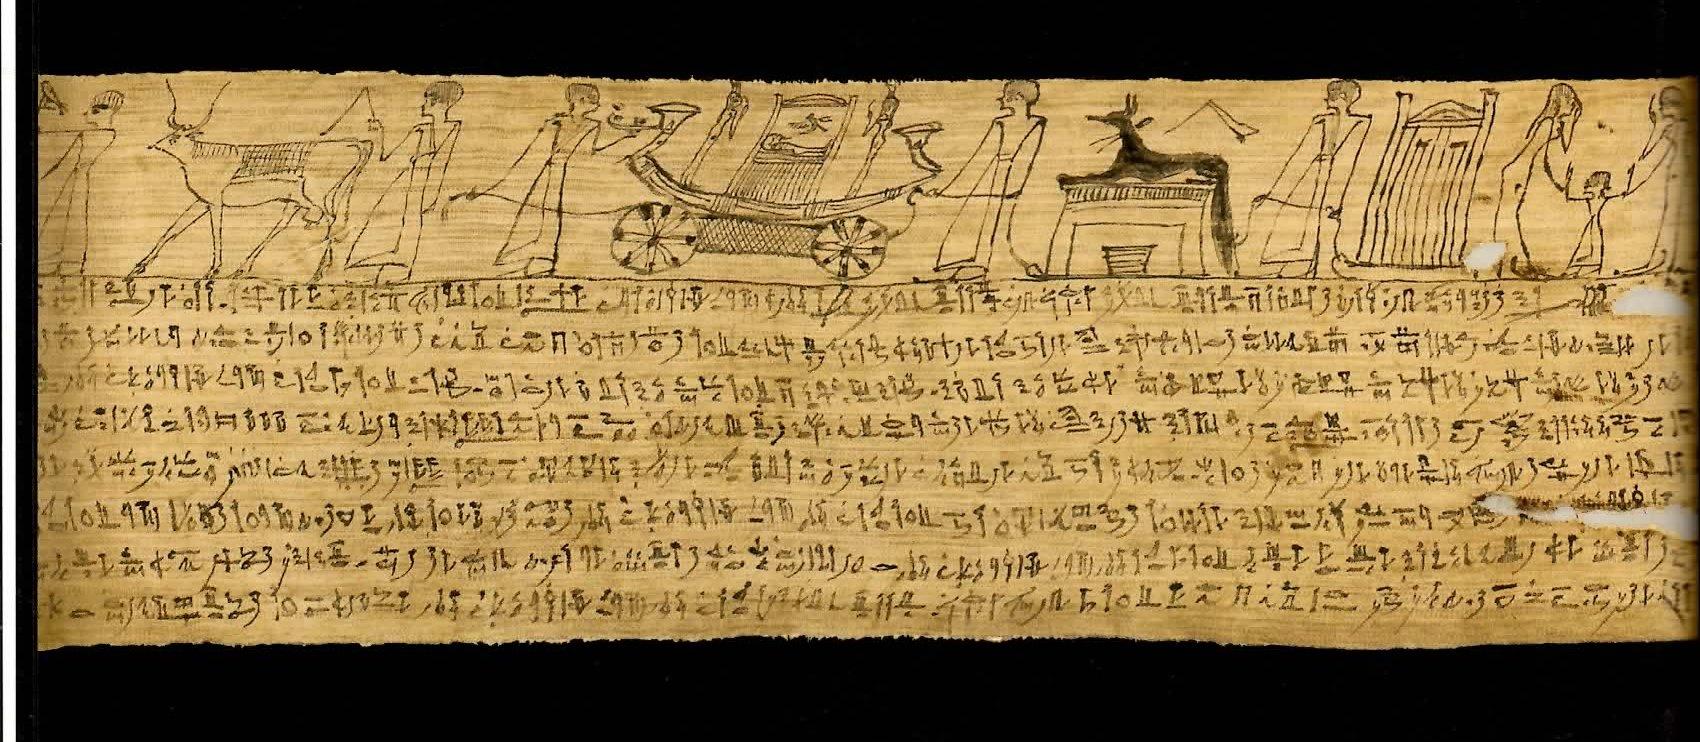 古代エジプト展 第1章 古代エジプトの死生観 呪文の変遷-(3)_c0011649_23312835.jpg